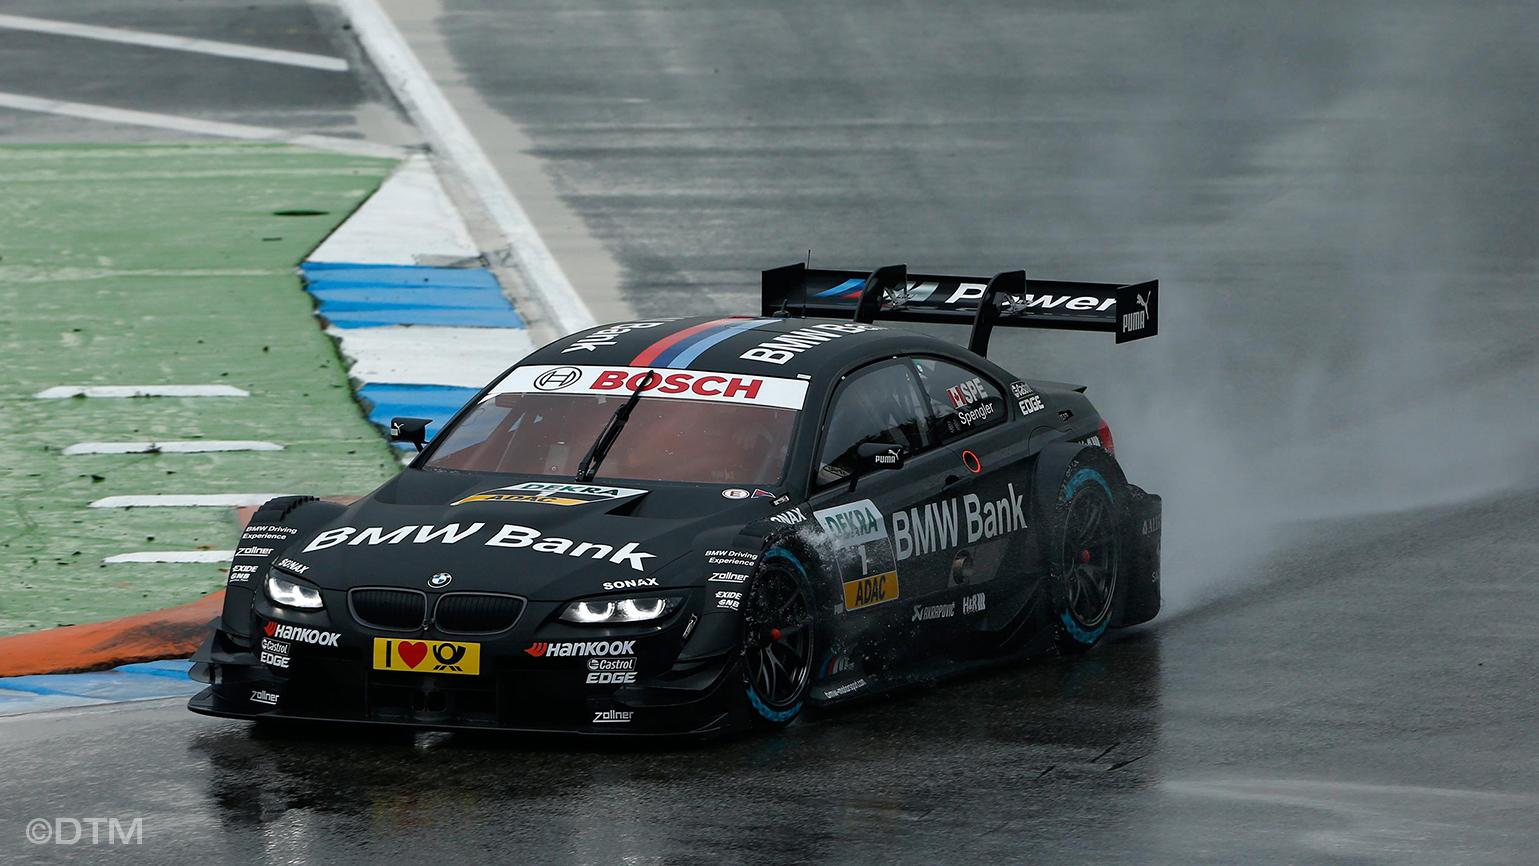 Gorący finał sezonu: DTM w Hockenheim